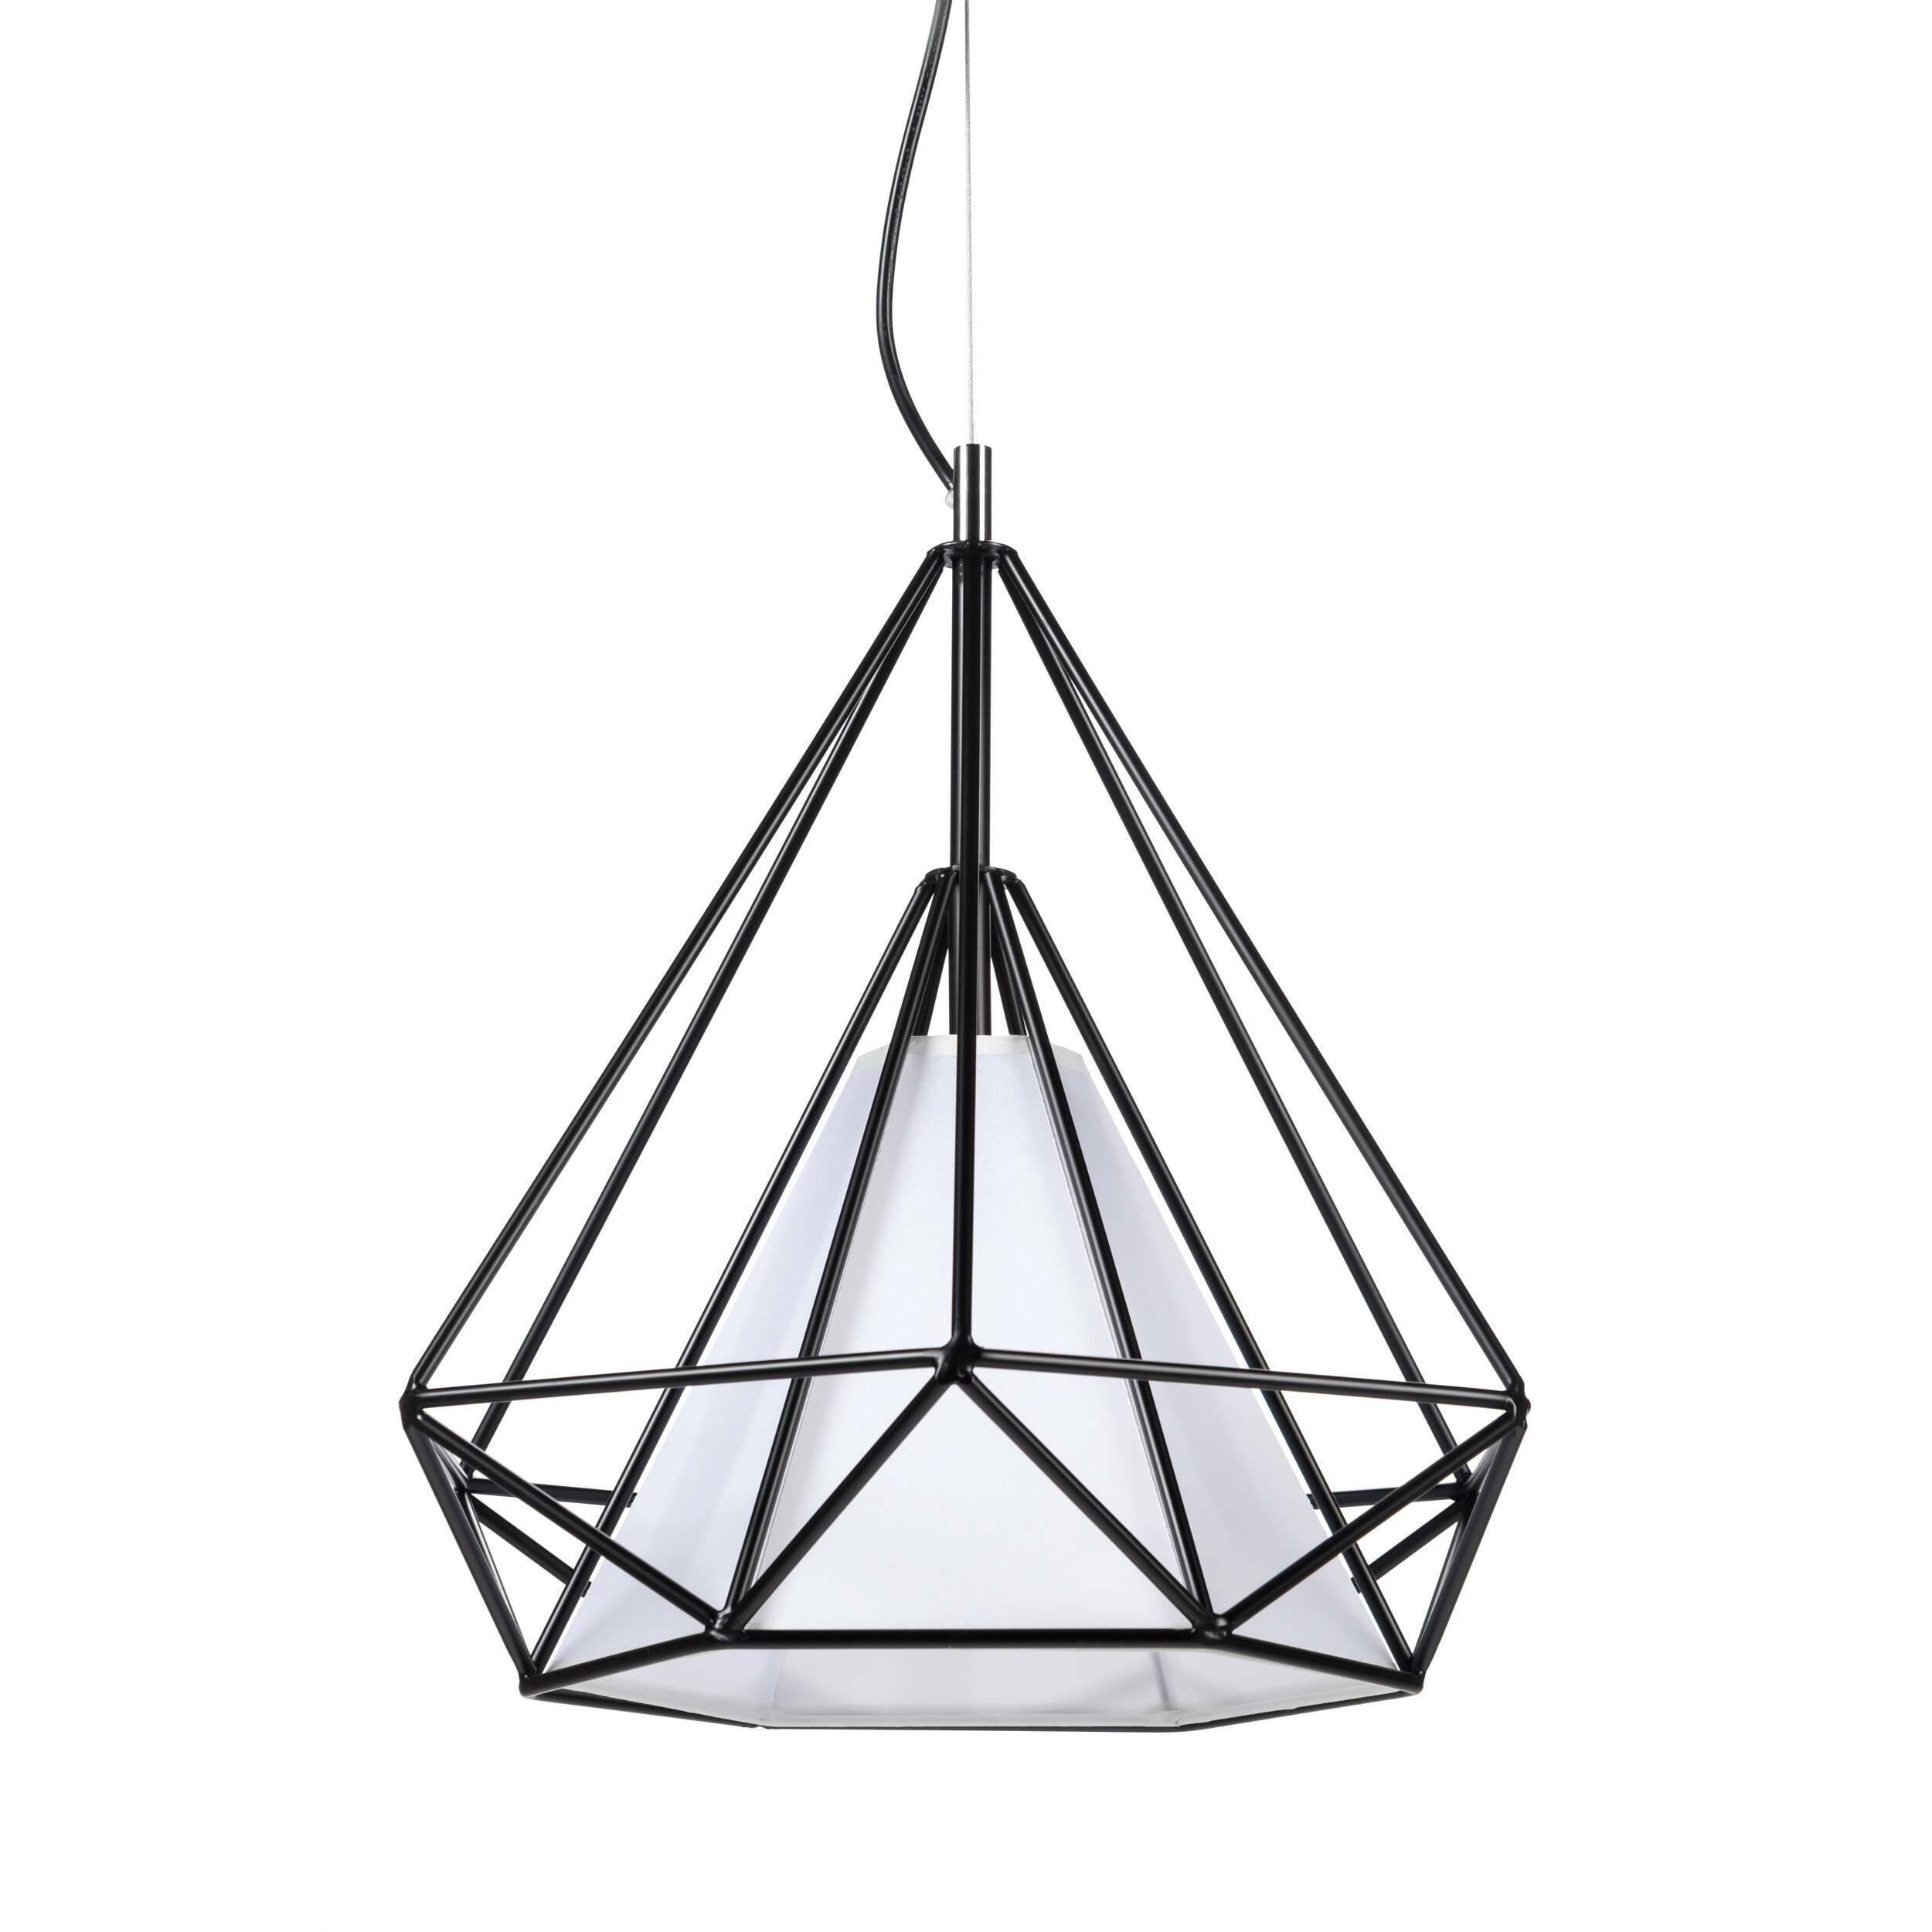 Подвесной светильник HimmeliПодвесные<br>Подвесной светильник Himmeli<br> являет собой пример искусства создания геометрических форм. Название Himmeli происходит от шведского слова himmel, что означает «небо».<br><br><br><br>Подвесной светильник Himmeli — это современный свет в алмазной форме, созданной тонкими металлическими трубками, легко вписывающийся в интерьер любого дома.<br><br>stock: 0<br>Высота: 180<br>Ширина: 33<br>Длина: 38<br>Количество ламп: 1<br>Материал абажура: Пергамент<br>Материал арматуры: Сталь<br>Мощность лампы: 13<br>Ламп в комплекте: Нет<br>Напряжение: 220<br>Тип лампы/цоколь: E27<br>Цвет абажура: Белый<br>Цвет арматуры: Черный